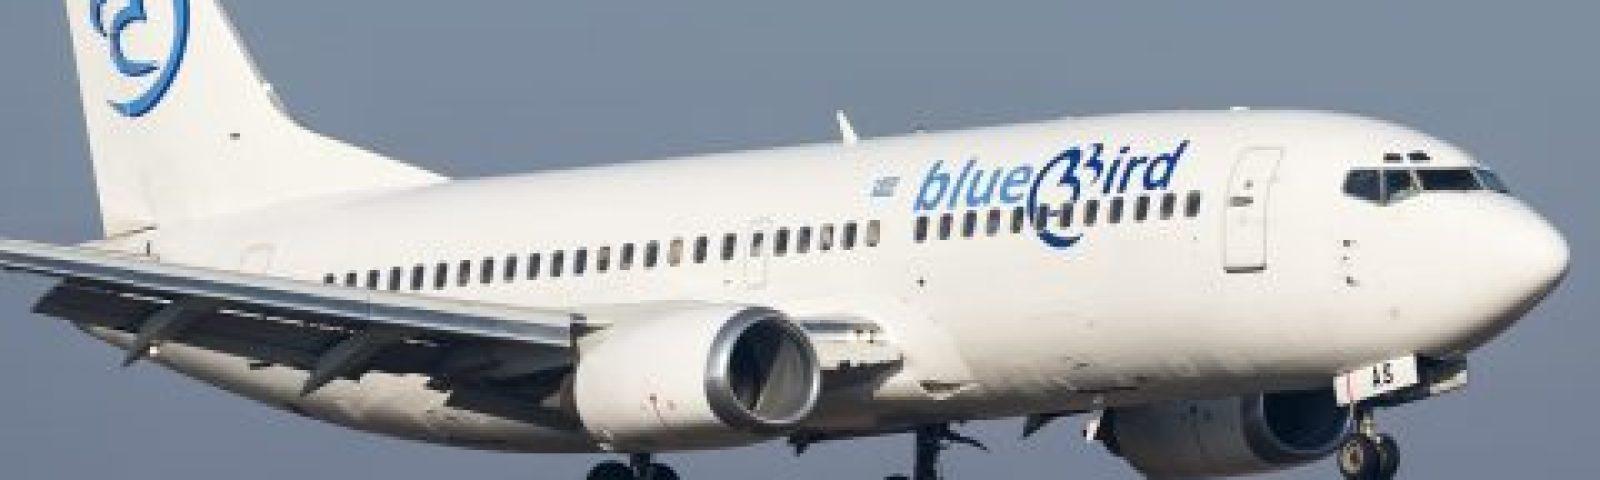 Обзор авиакомпании Bluebuird Airways: флот, маршруты, безопасность